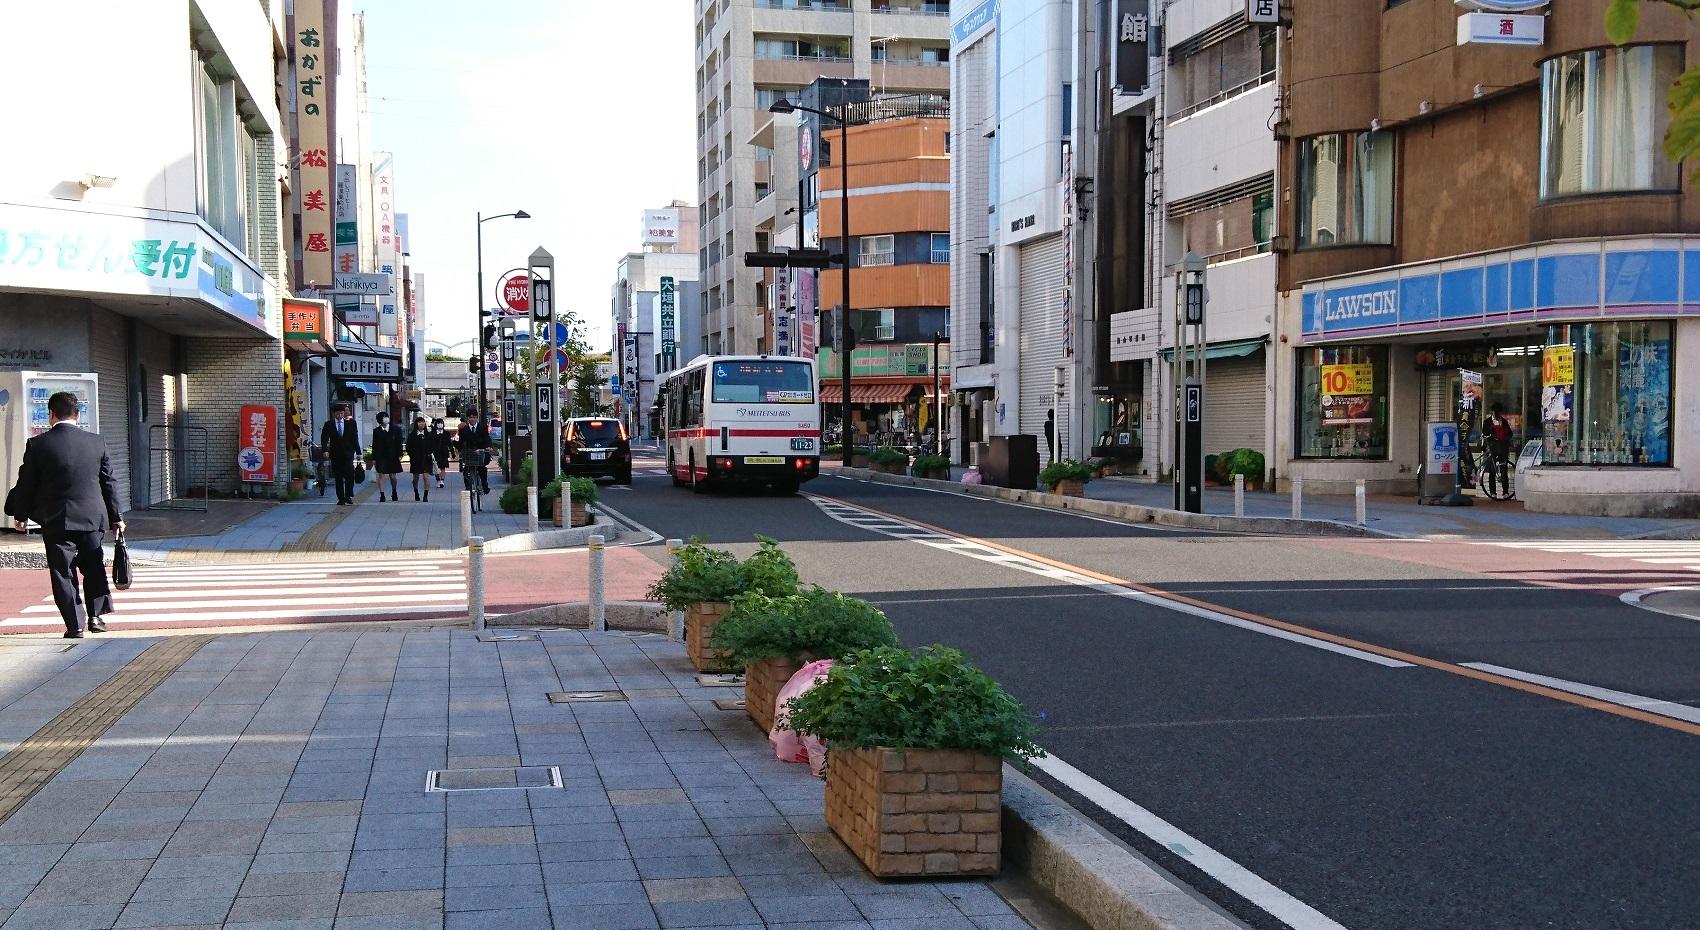 2016.10.24 (9) 御幸本町交差点を右折する名鉄バス 1700-930